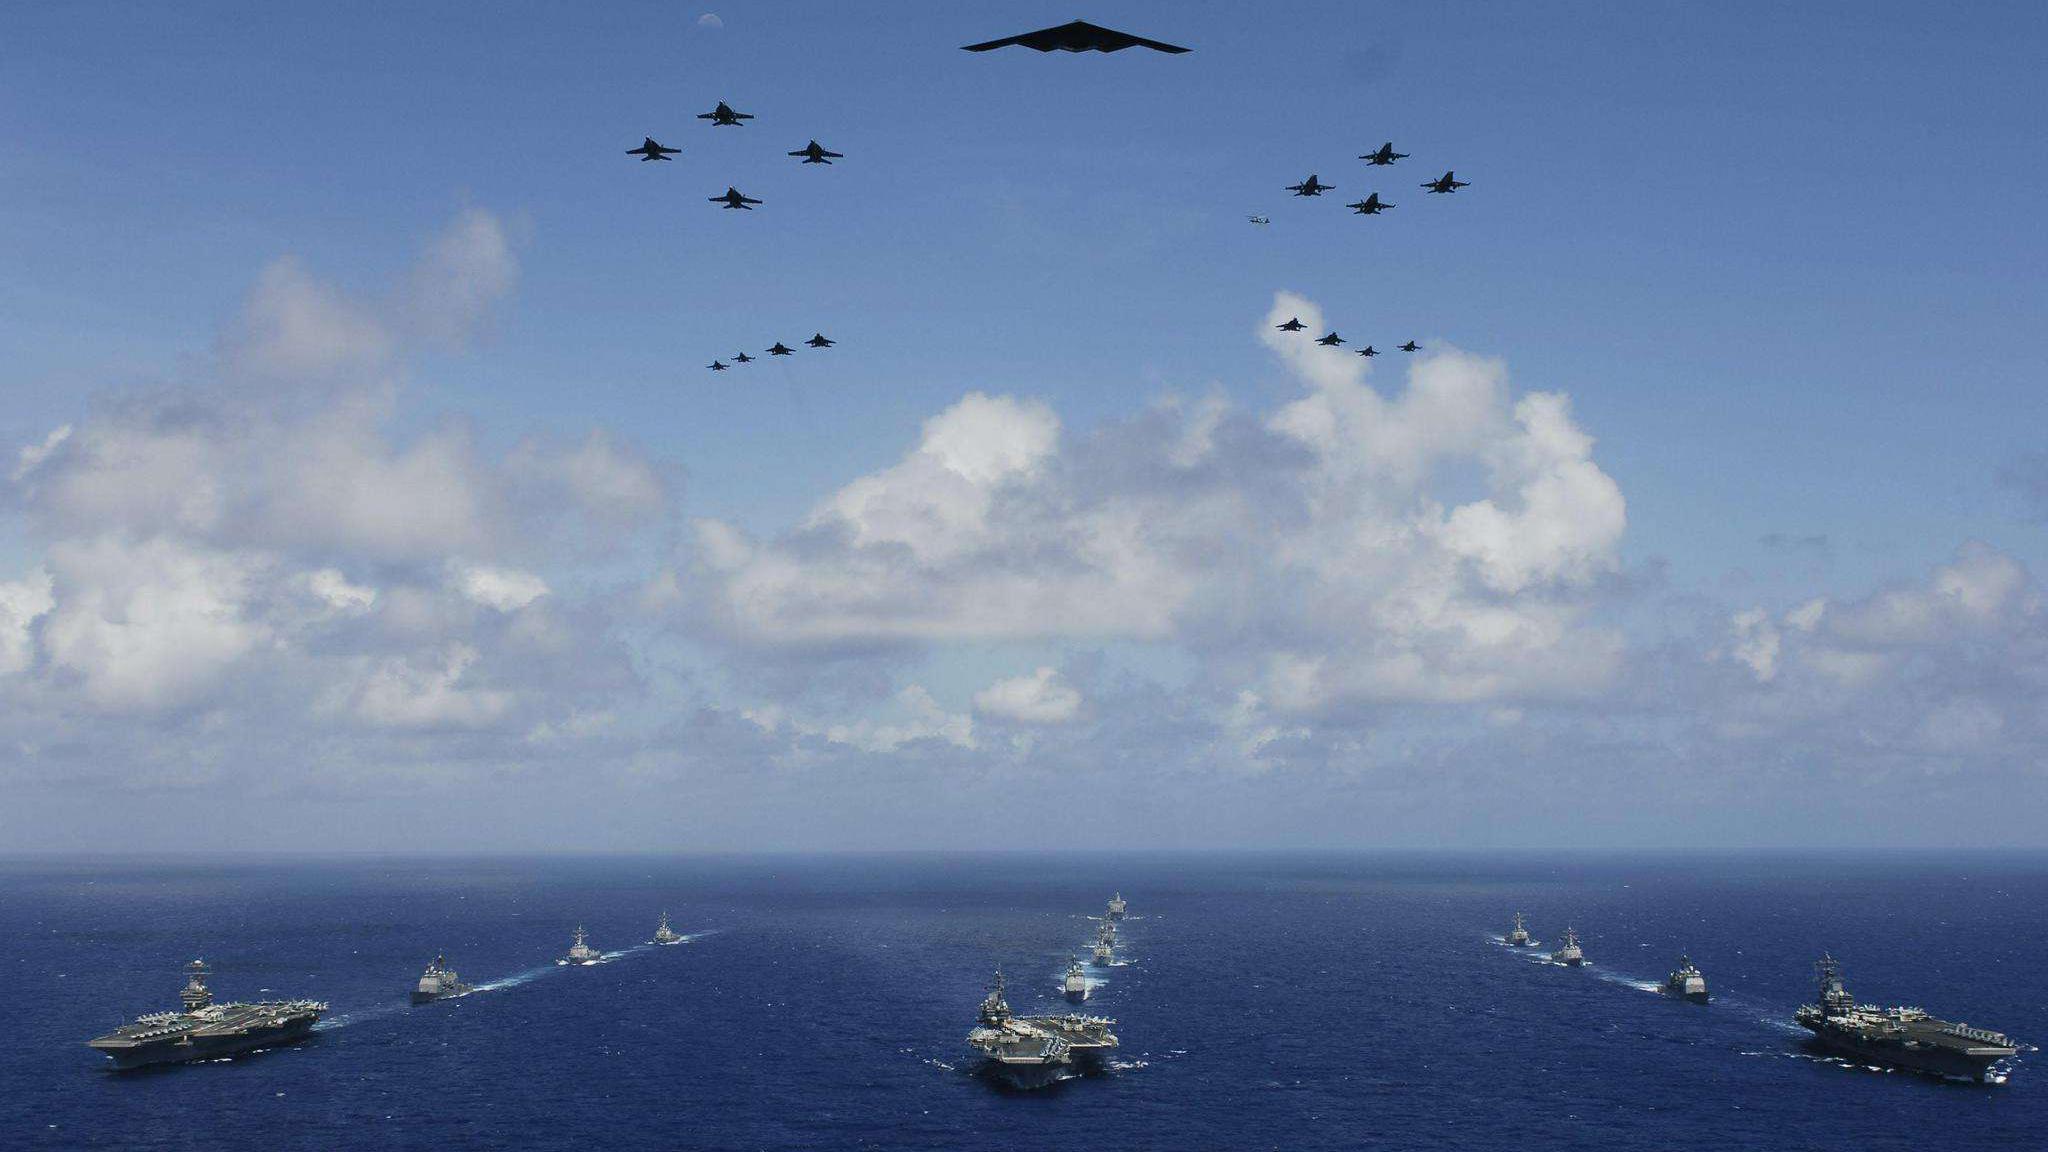 3艘军舰紧随其后,一场较量在黄岩岛附近上演,美航母遇见硬茬了